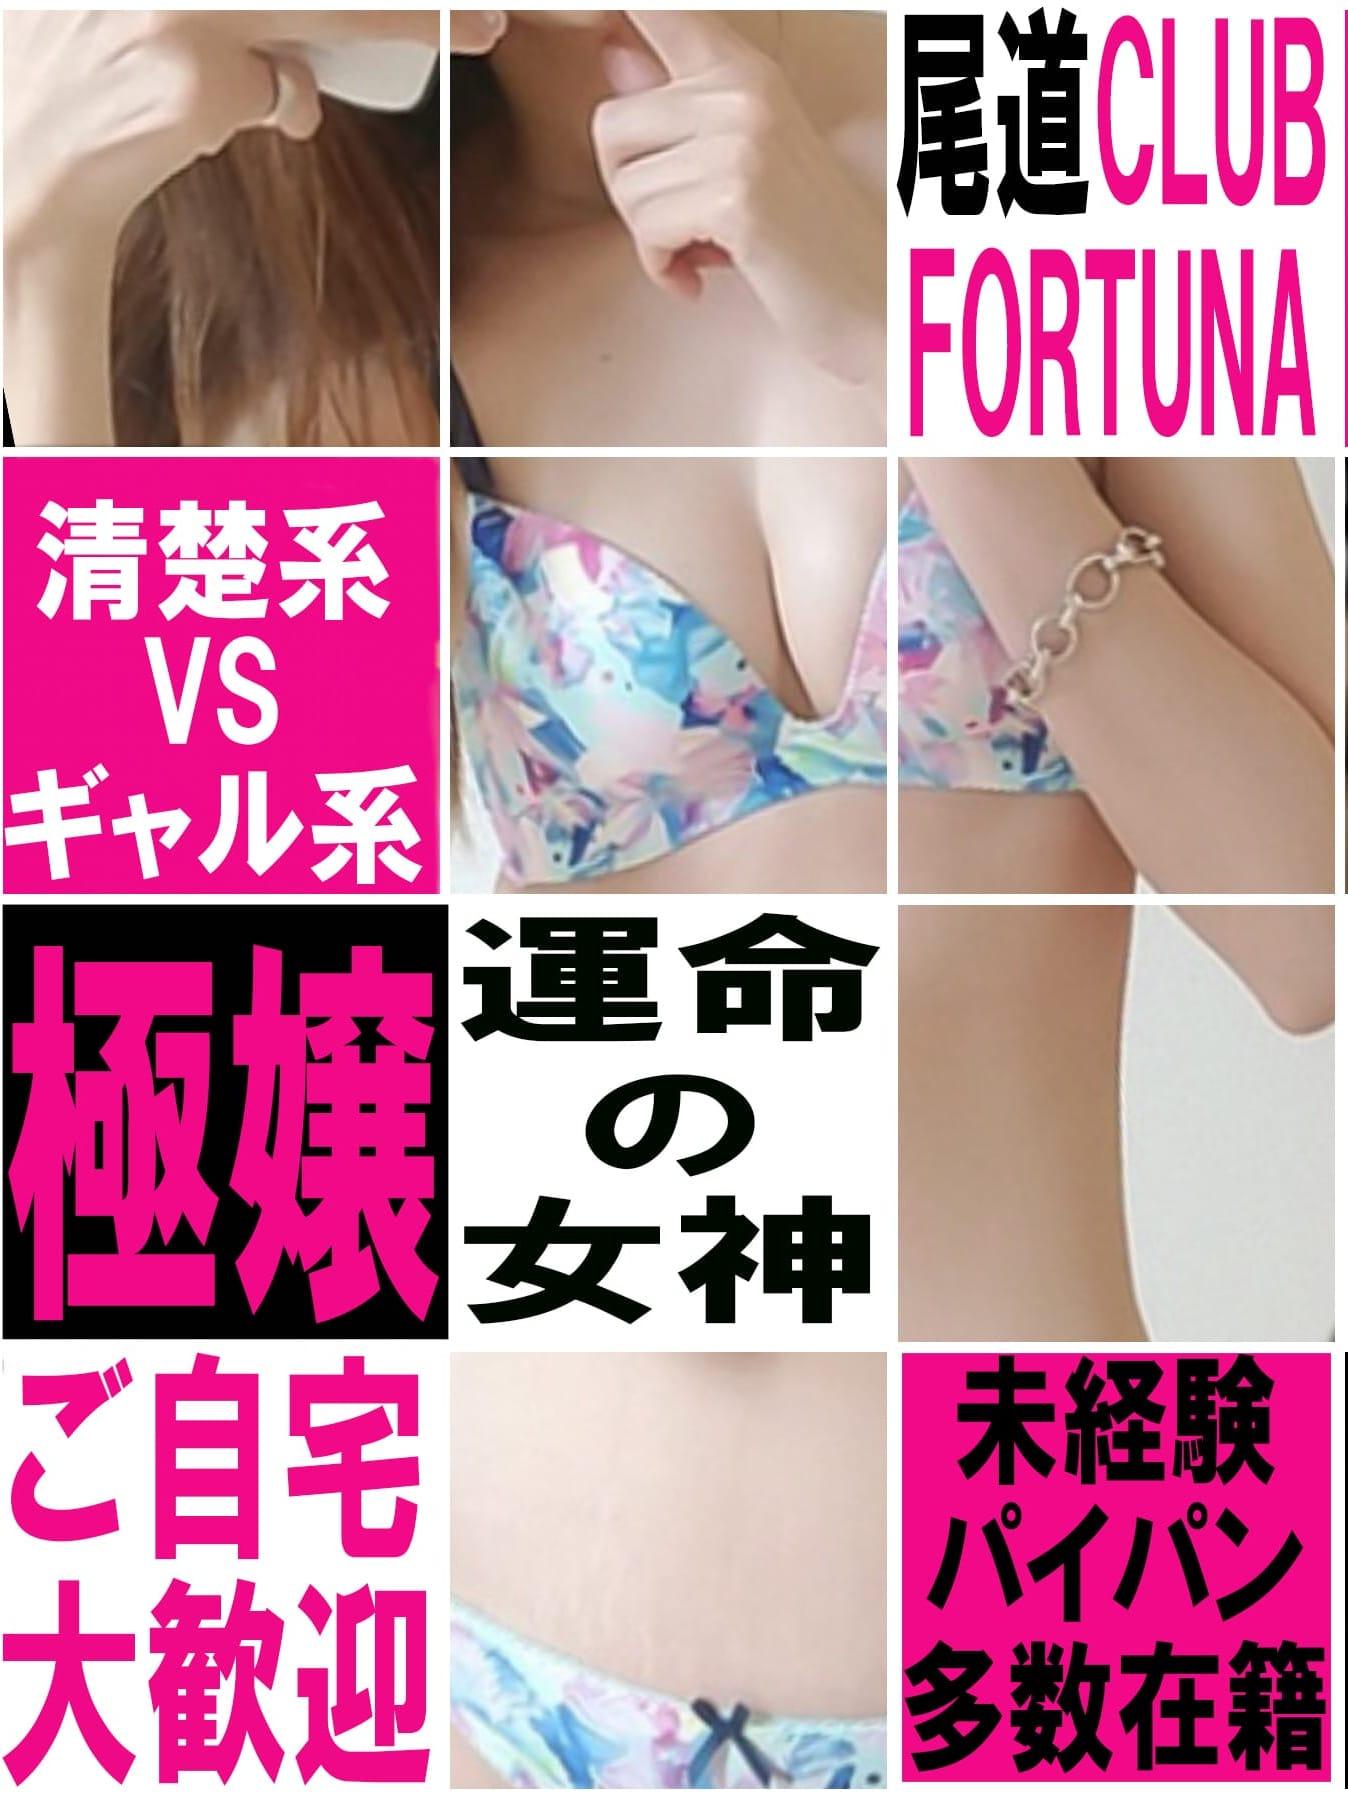 てんちょ(尾道 club fortuna -フォルトゥーナ-)のプロフ写真1枚目